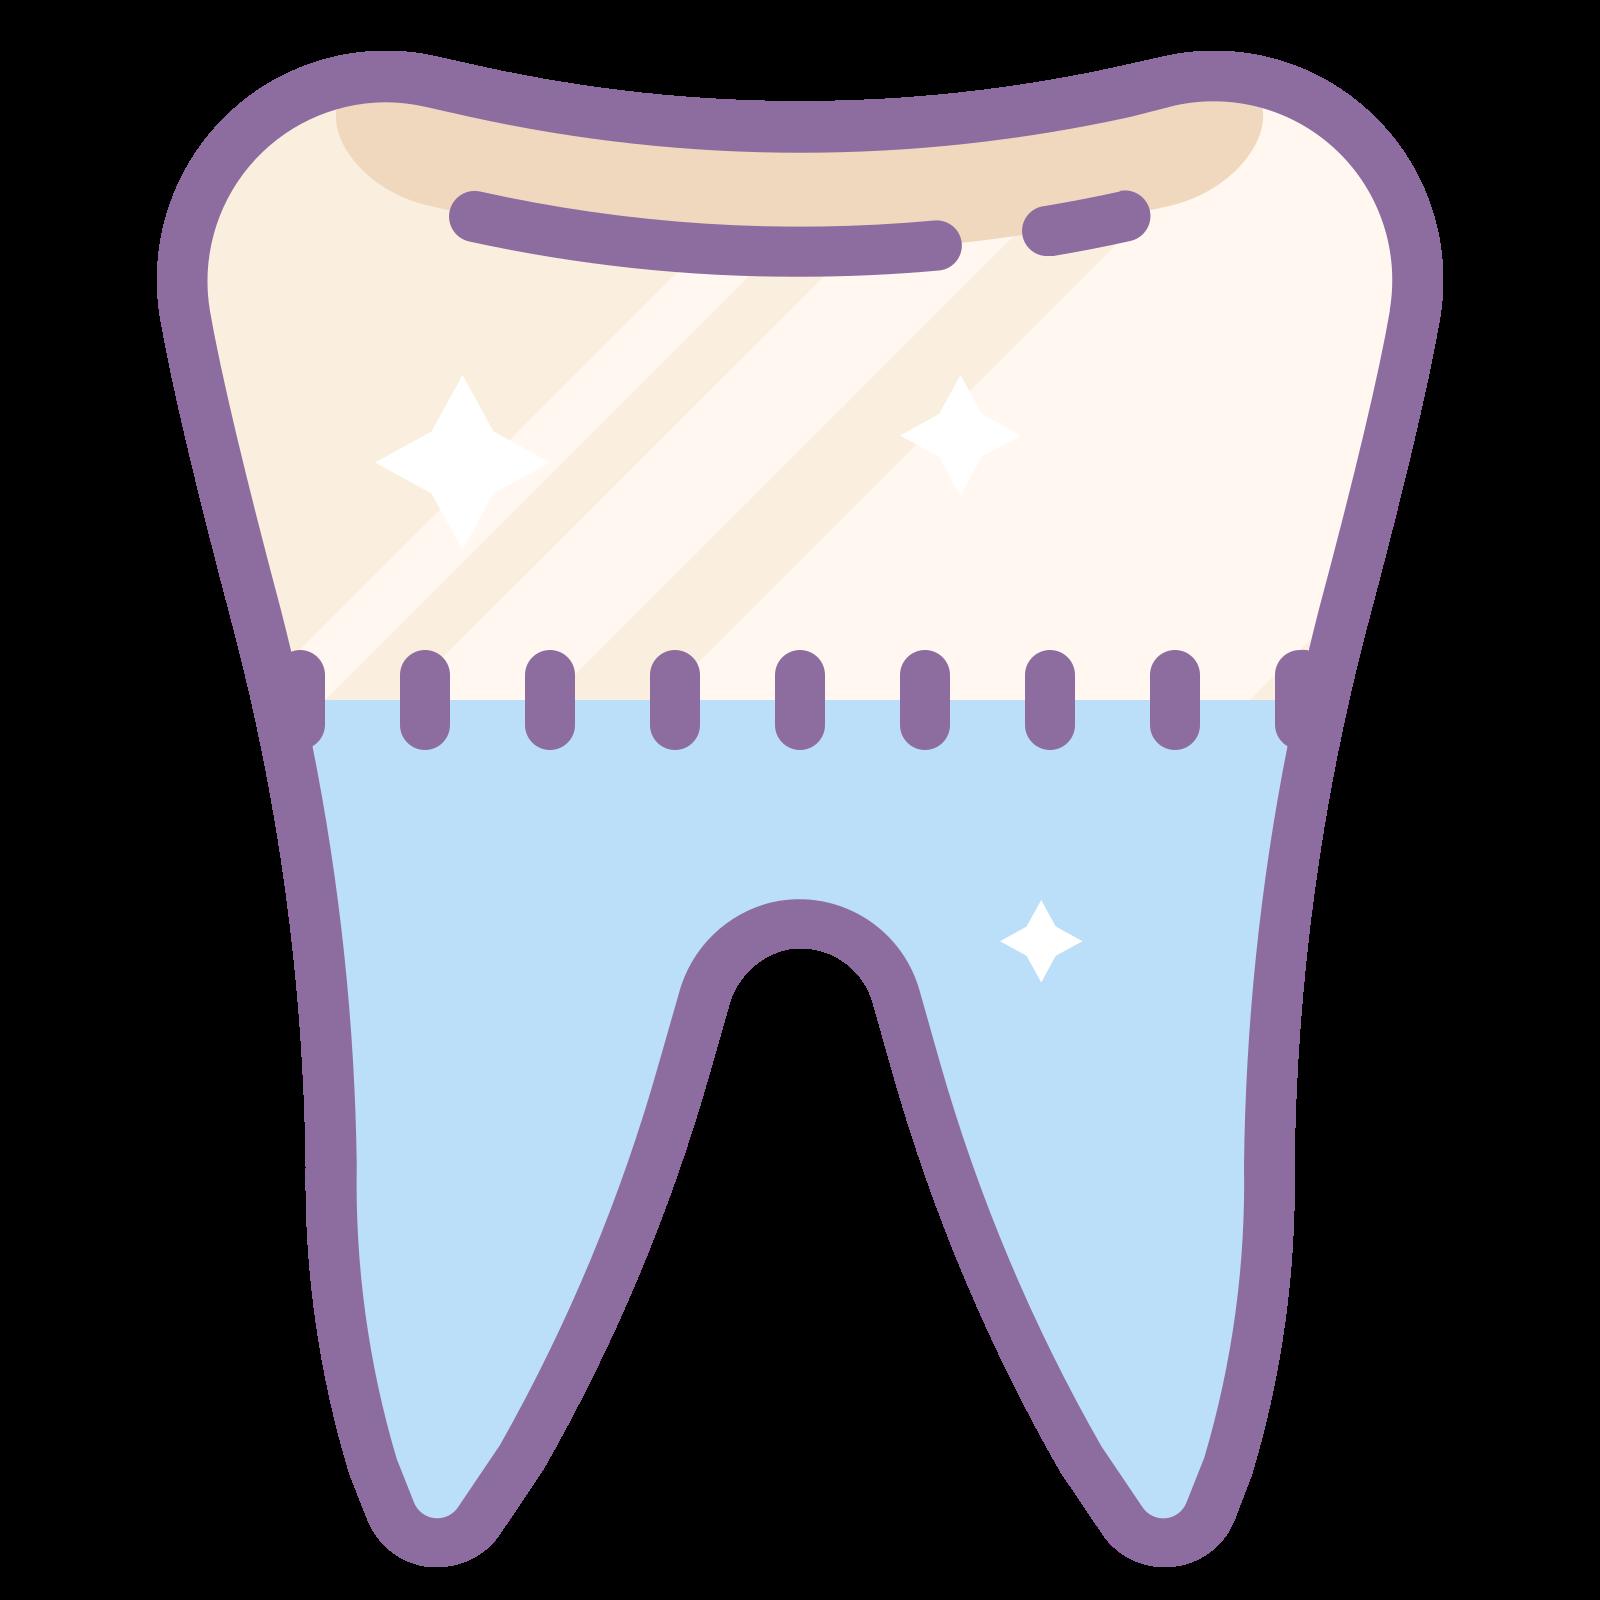 齿 icon. It is an image of a tooth.  There are two medium length roots at the bottom, they are fairly symmetrical.  The top is rounded and divided into two bumps, with a short diagonal line in the middle to indicate the groove in the tooth.